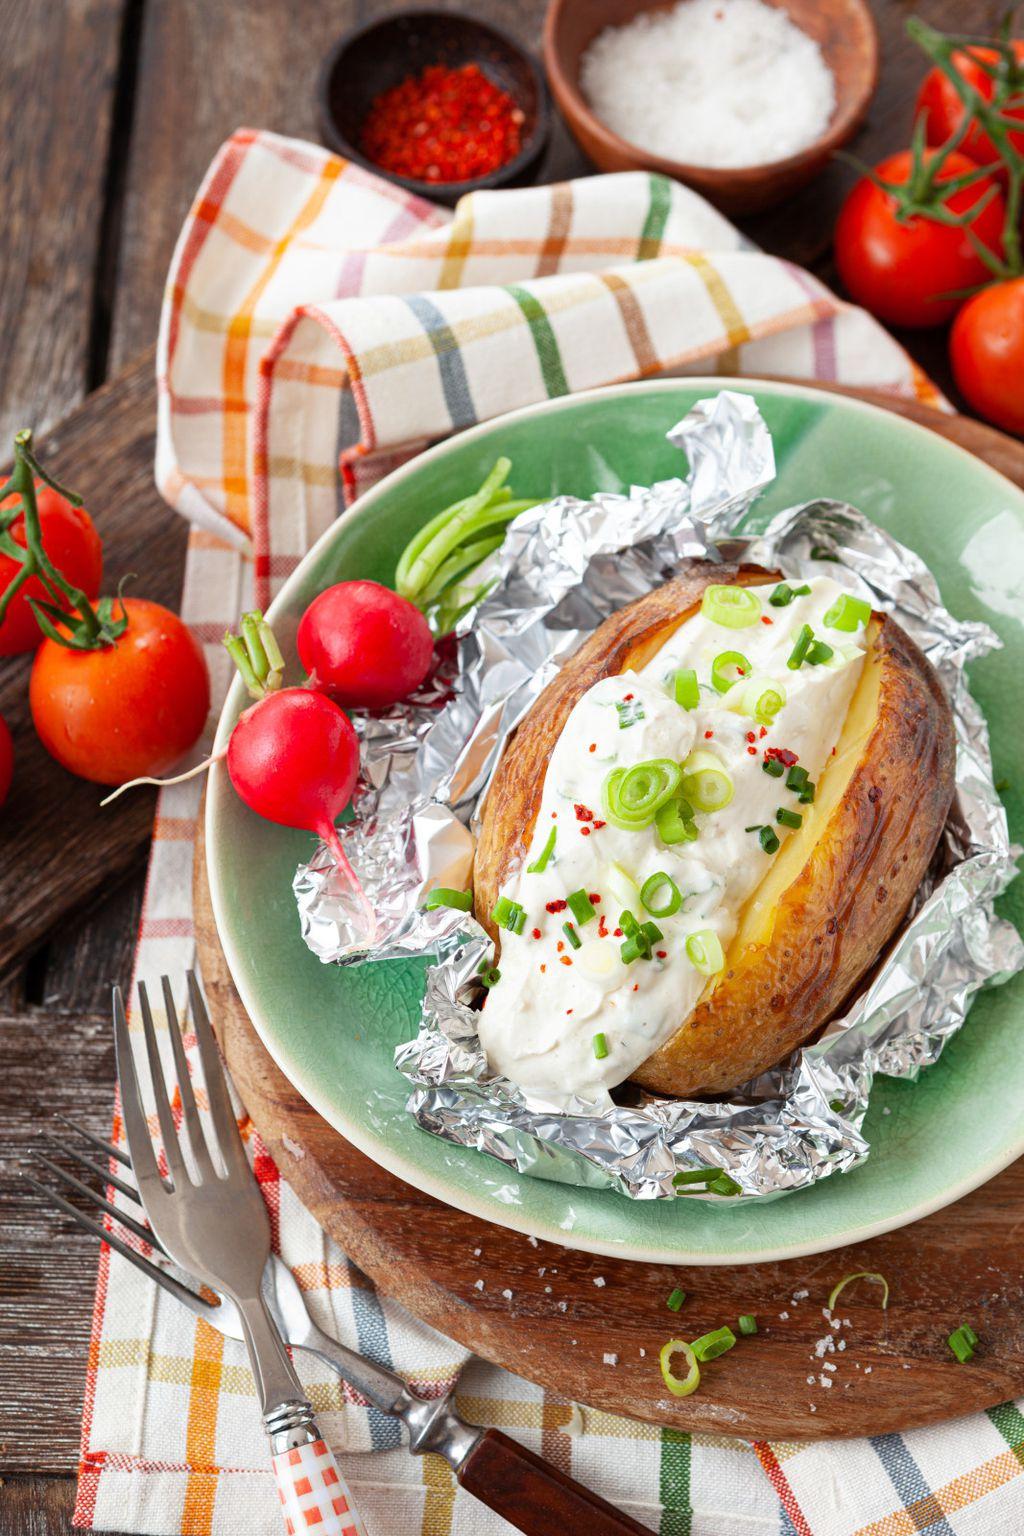 Krumpir pečen u foliji s kiselim vrhnjem i povrćem